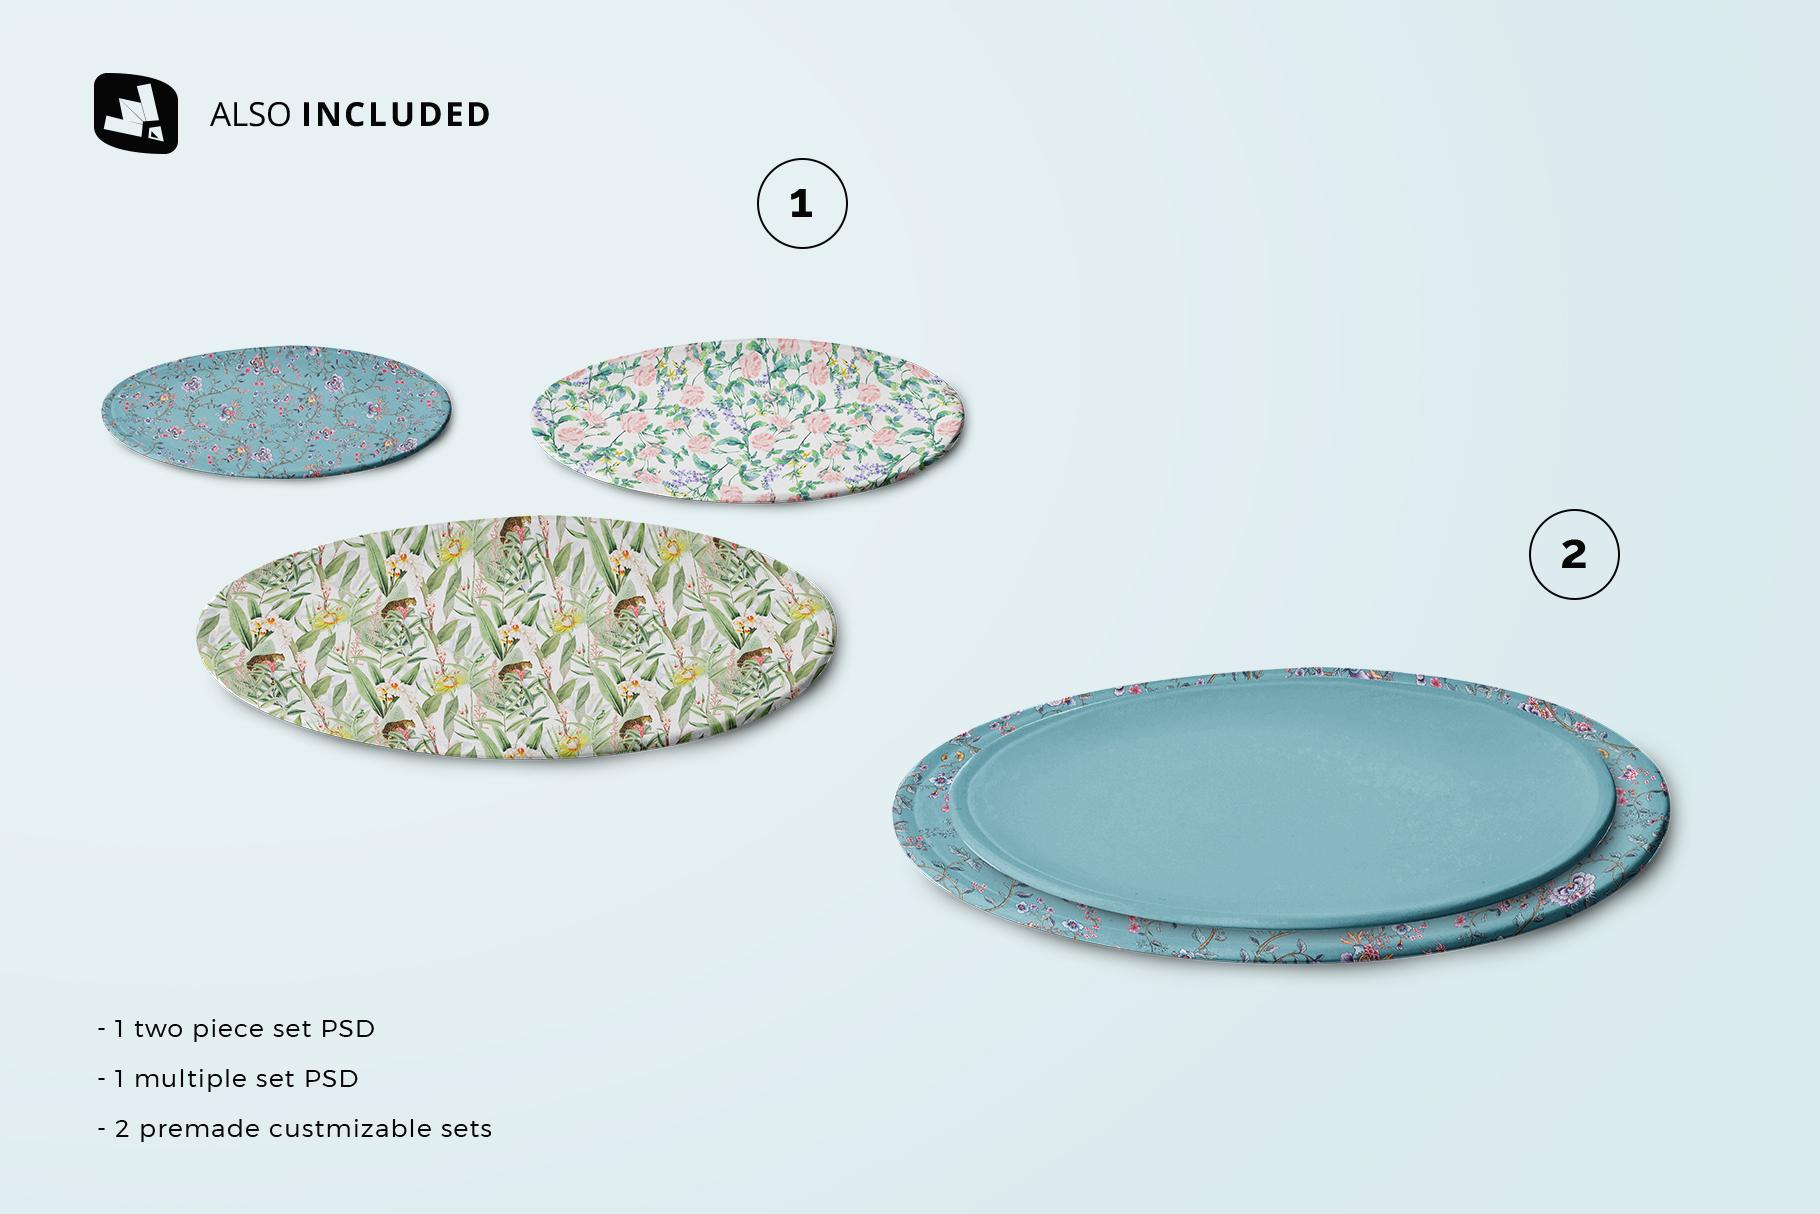 included files in the single ceramic dinner plate mockup